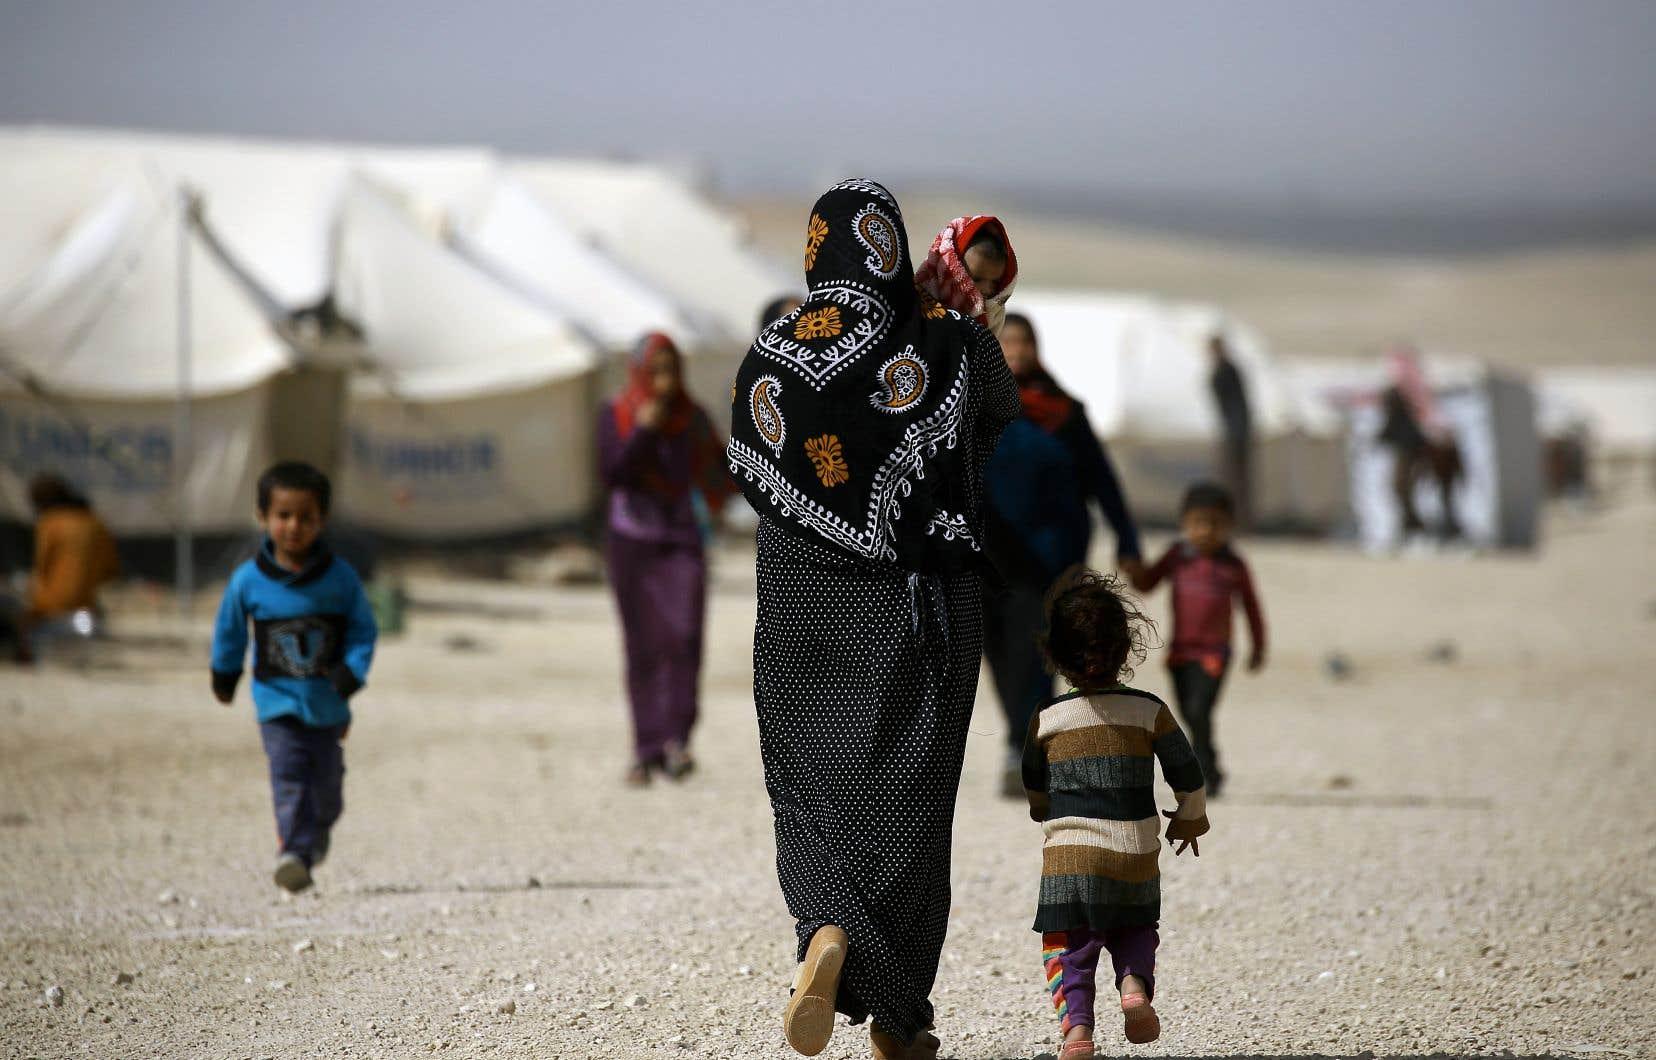 Des réfugiés syriens dans le camp d'Al-Hol, tout près de l'Irak, l'année dernière